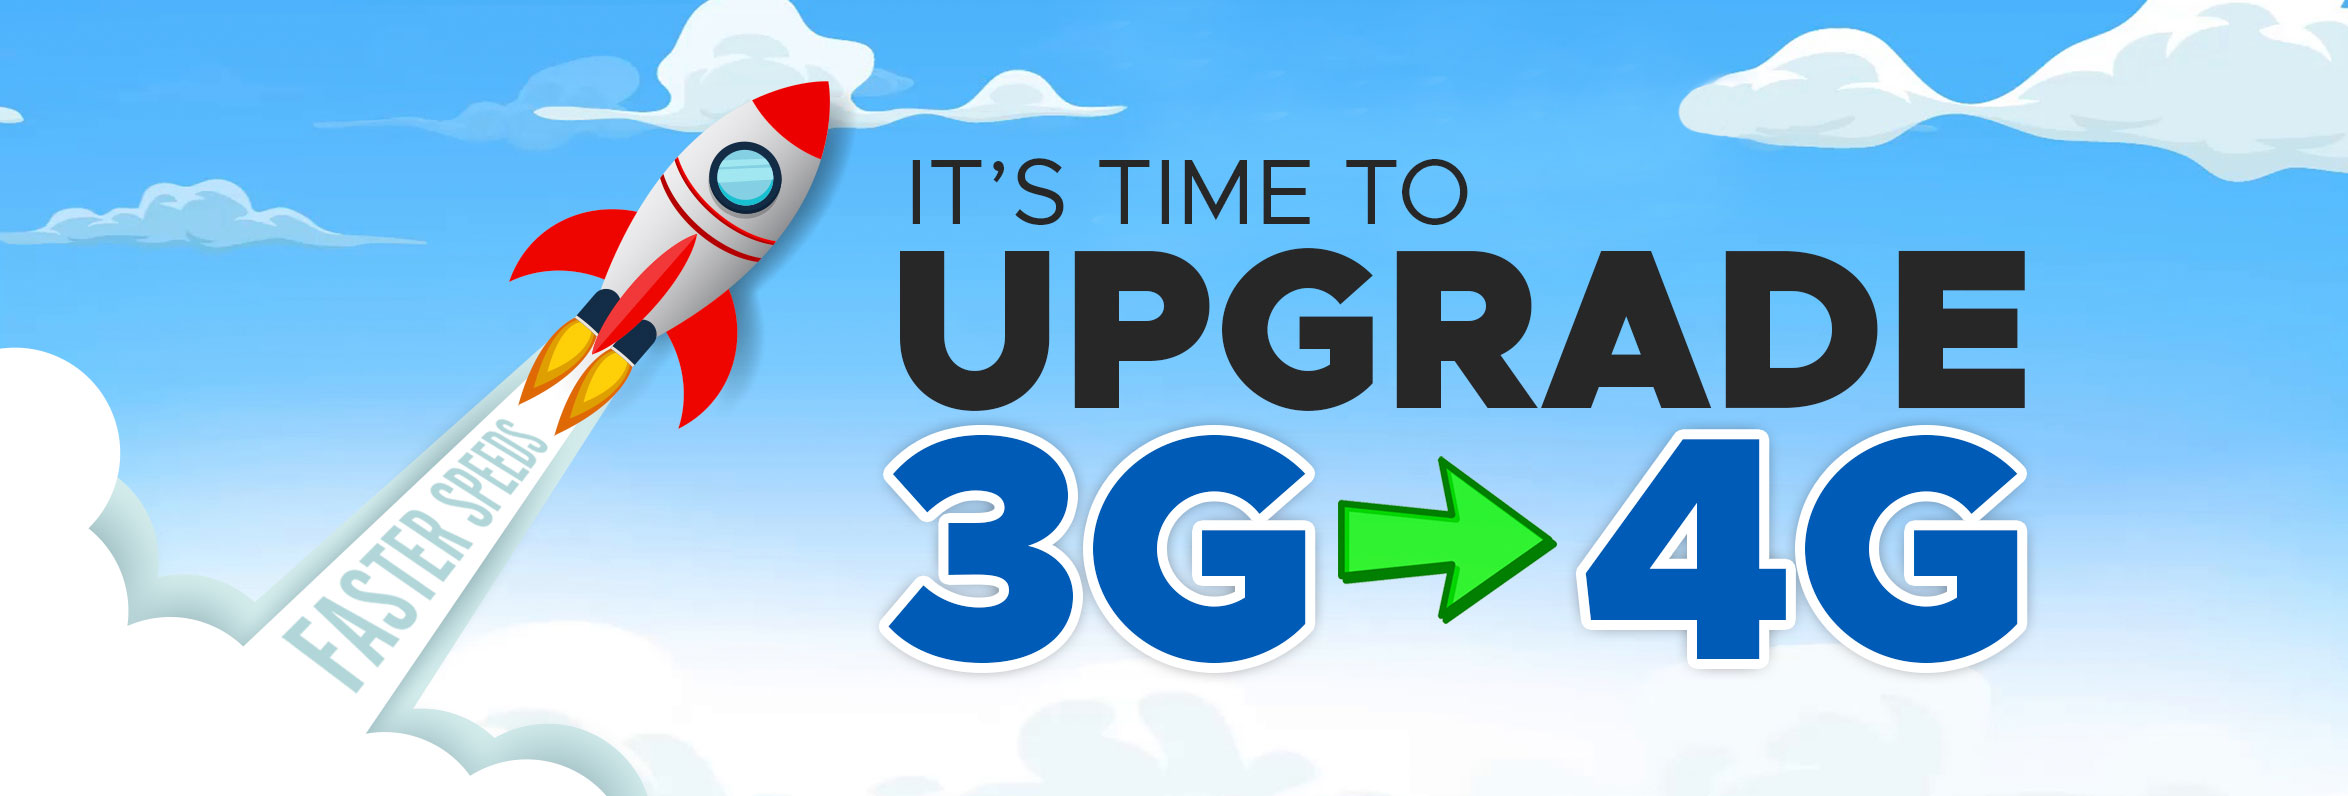 4G Upgrade